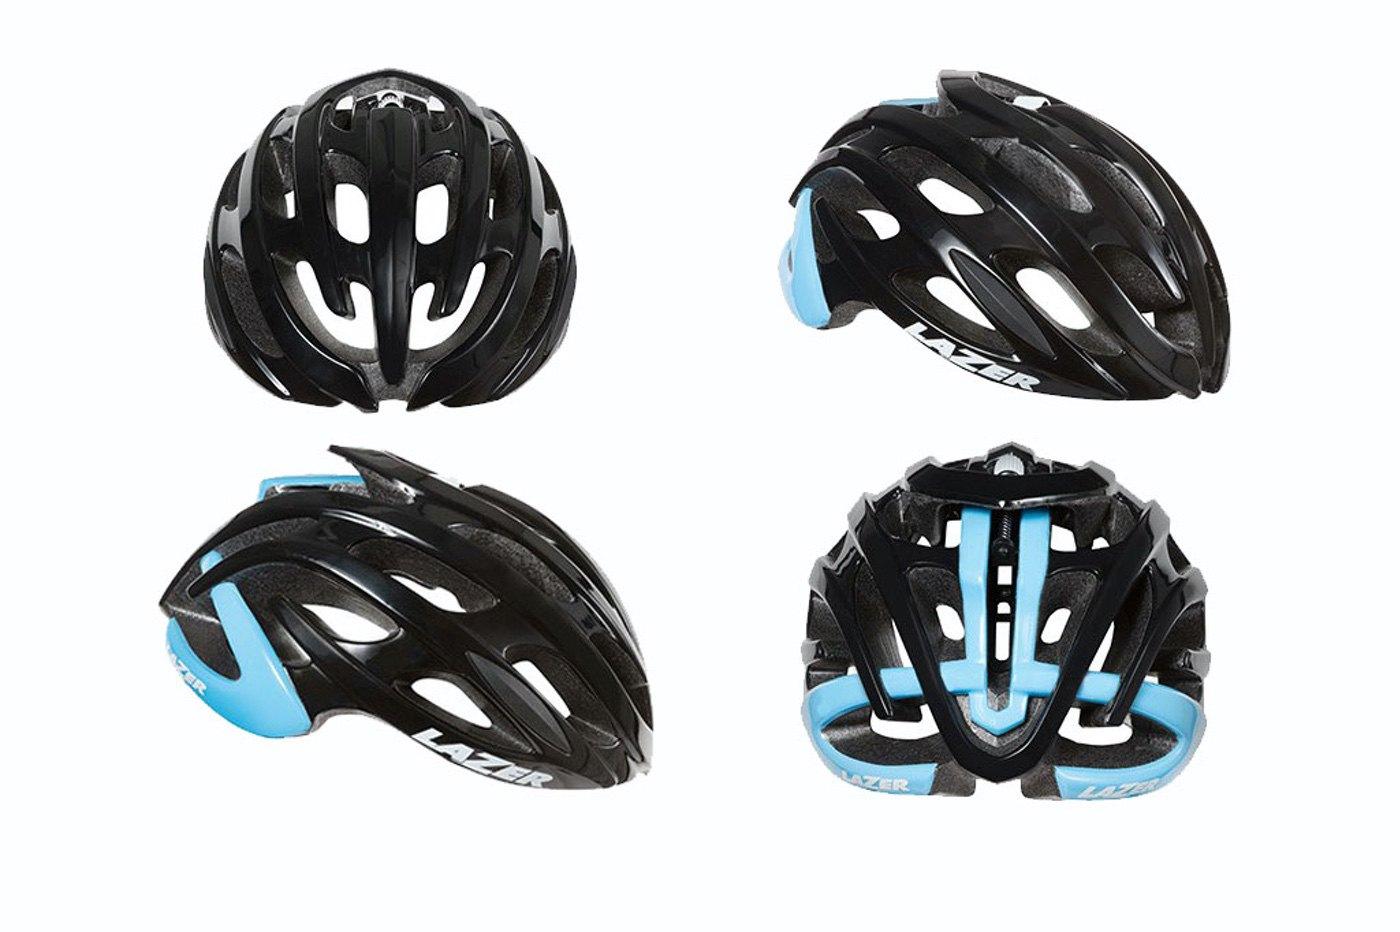 Casco de ciclismo de carretera que fabrica Lazer Sport